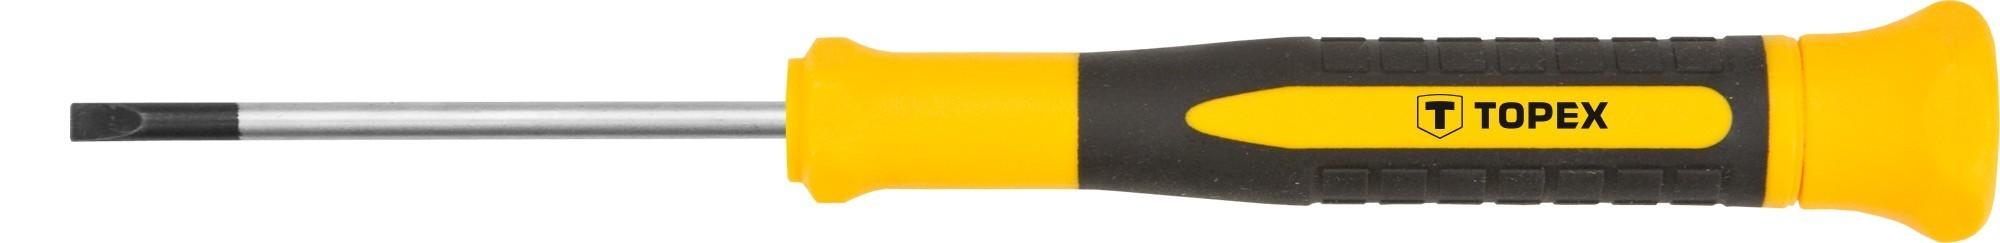 Mûszerész csavarhúzó 3 mm x 135 mm | TOPEX 39D772